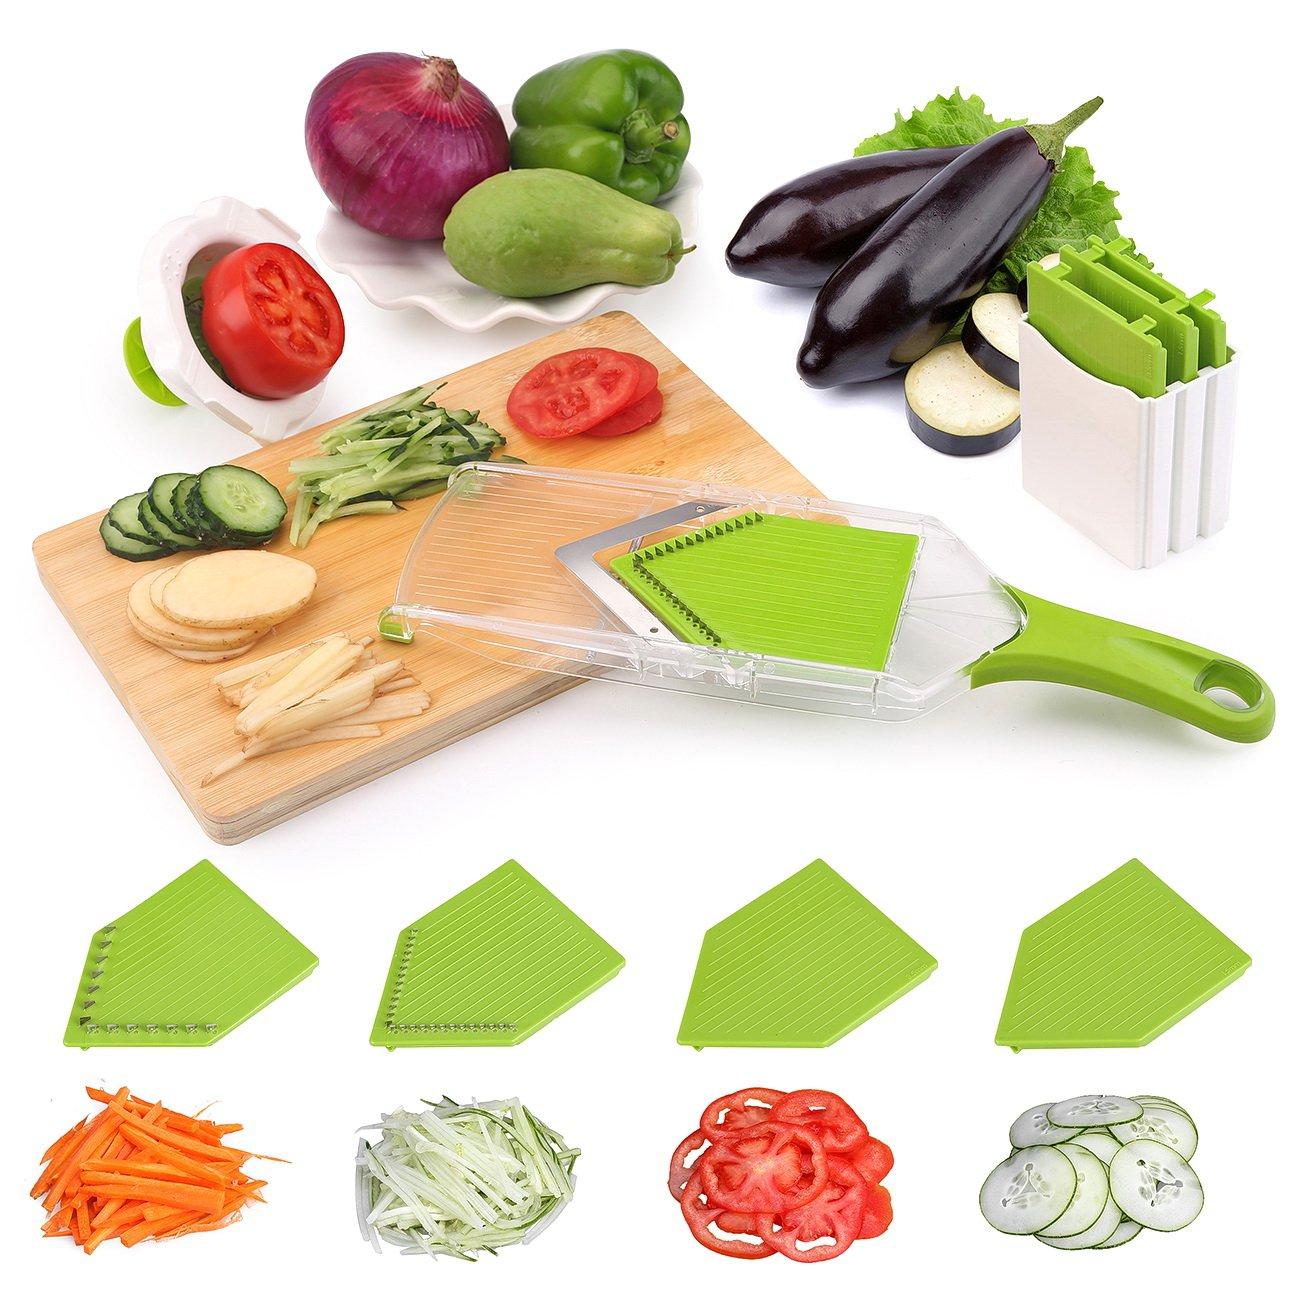 Mandoline Slicer Uten V-blade Vegetable Slicer Solid Quality 4 Sharp Blade Stainless Steel Slicer Multi-Vegetable Portable Adjustable Food Slicer Cutt